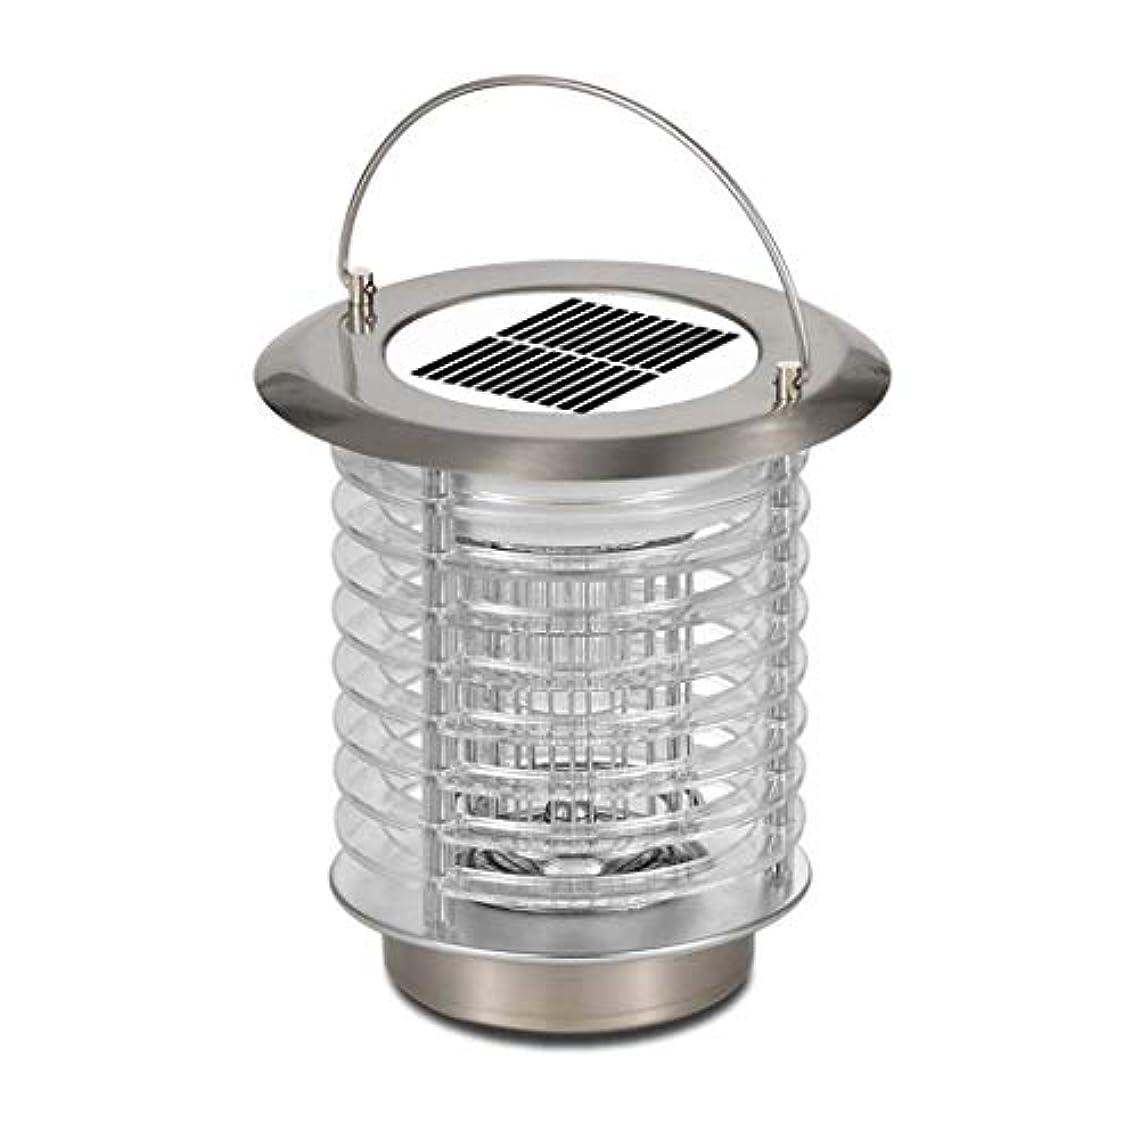 オペレーター現代マネージャー太陽虫ザッパーランプ屋外の携帯用カのキラーランプ、防水はえのキラー、二重機能 - 昆虫のキラー及び庭ライト結合された、USB動力を与えられた